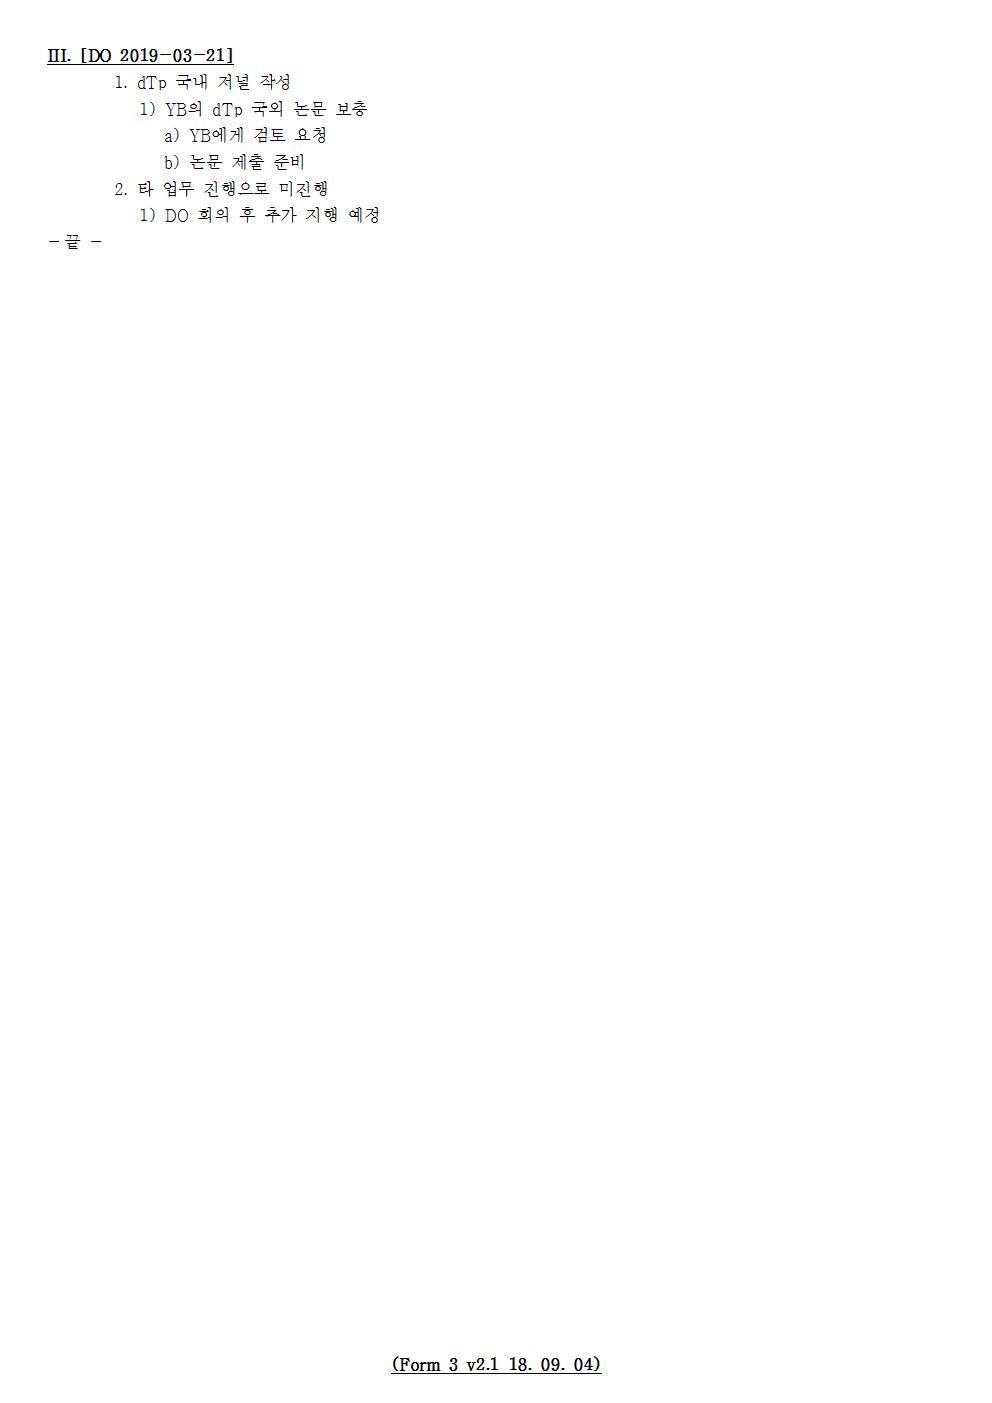 D-[19-012-PP-04]-[dTp-국내]-[2019-03-21][JS]002.jpg